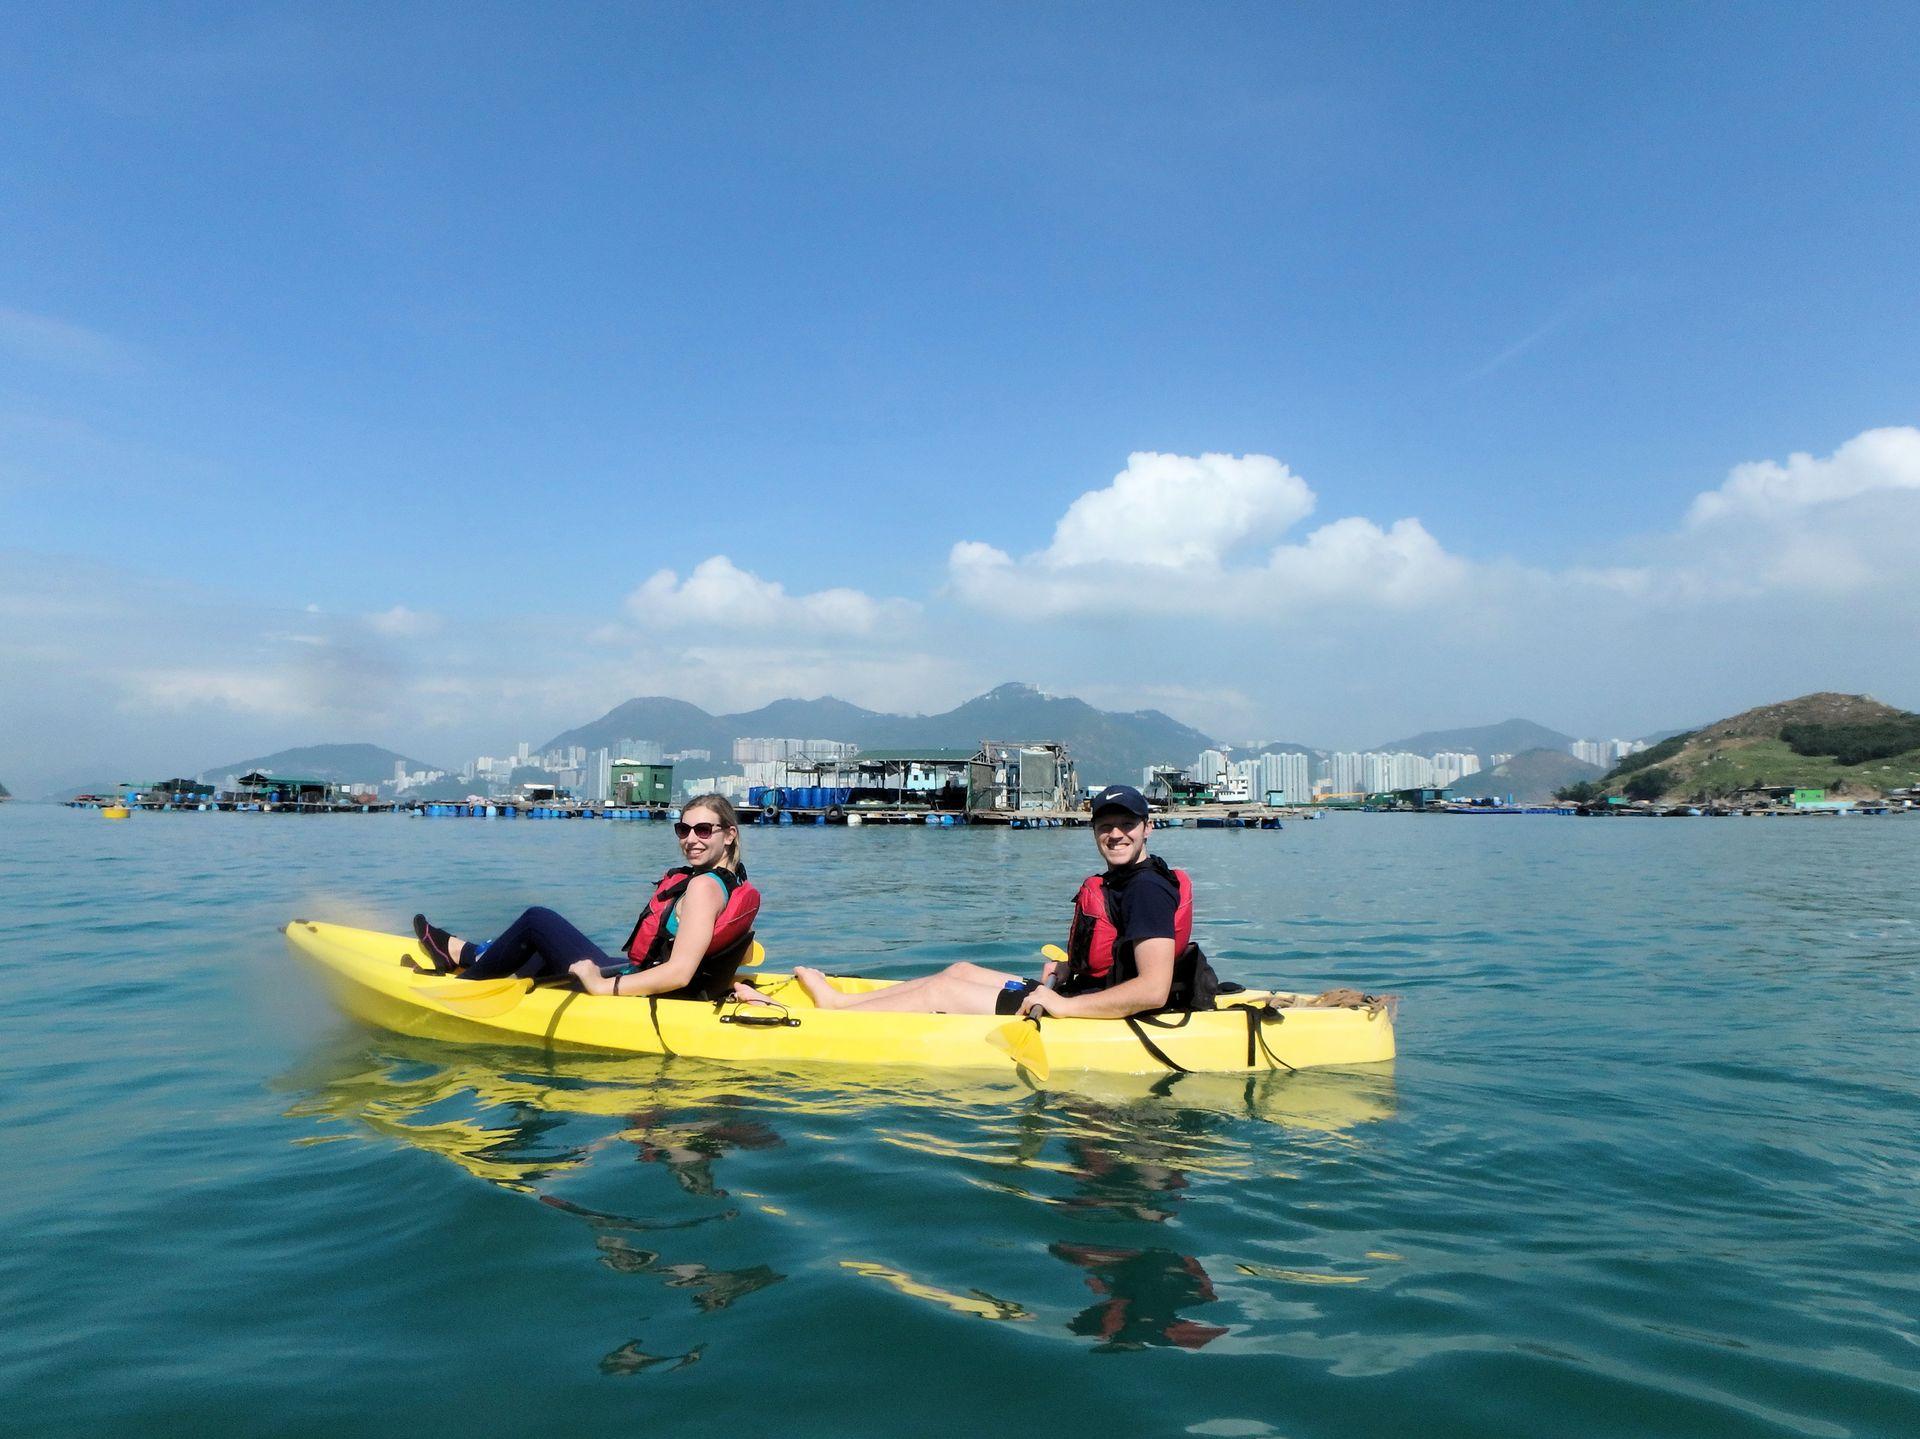 Sok Kwu Wan kayaking